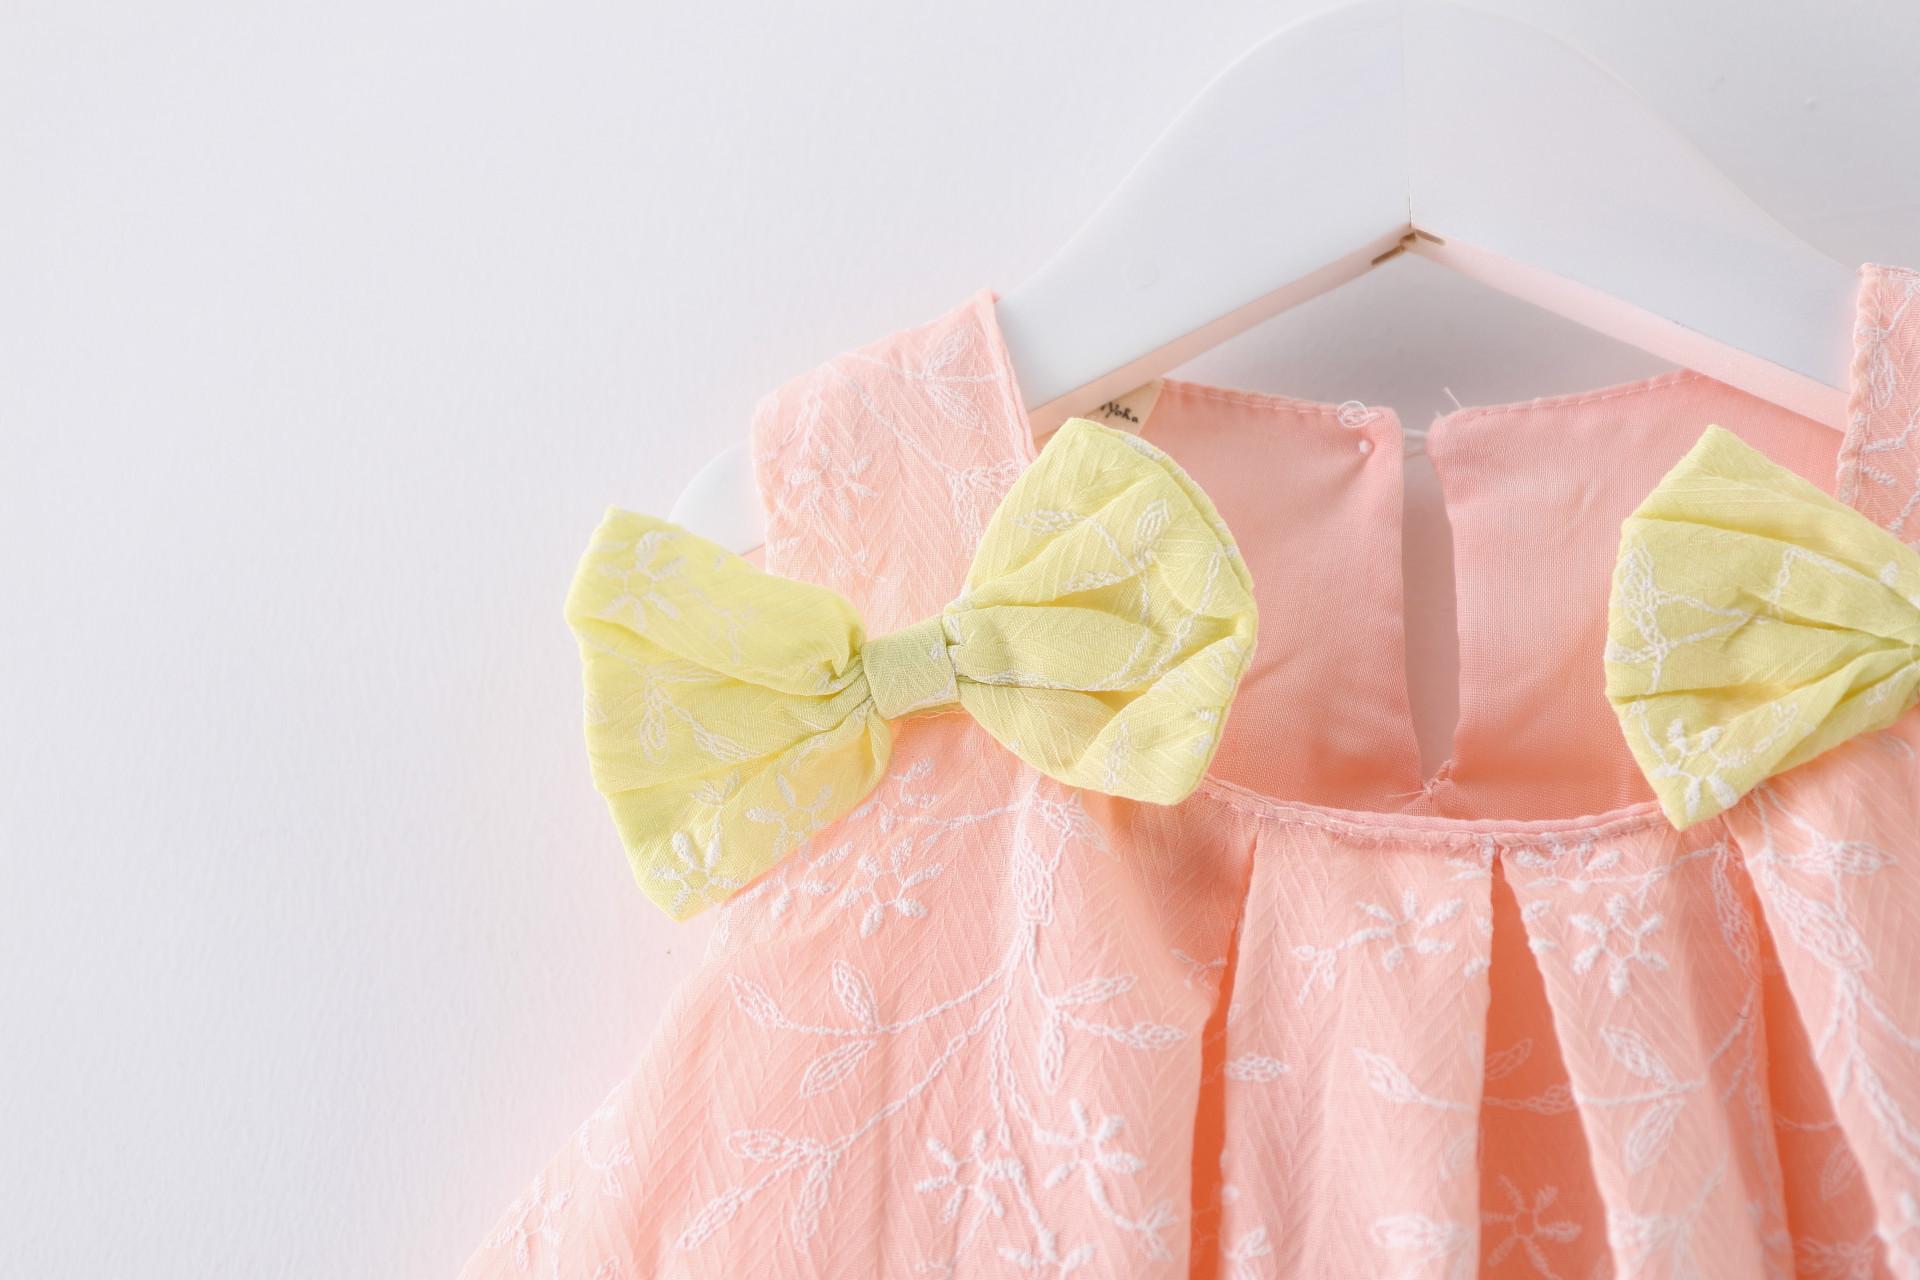 HTB1tD7okuGSBuNjSspbq6AiipXaa - 2018 New Brand Princess Dress Sleeveless Cotton Kids Dresses For Girls Bow Children Toddler Girl Dresses